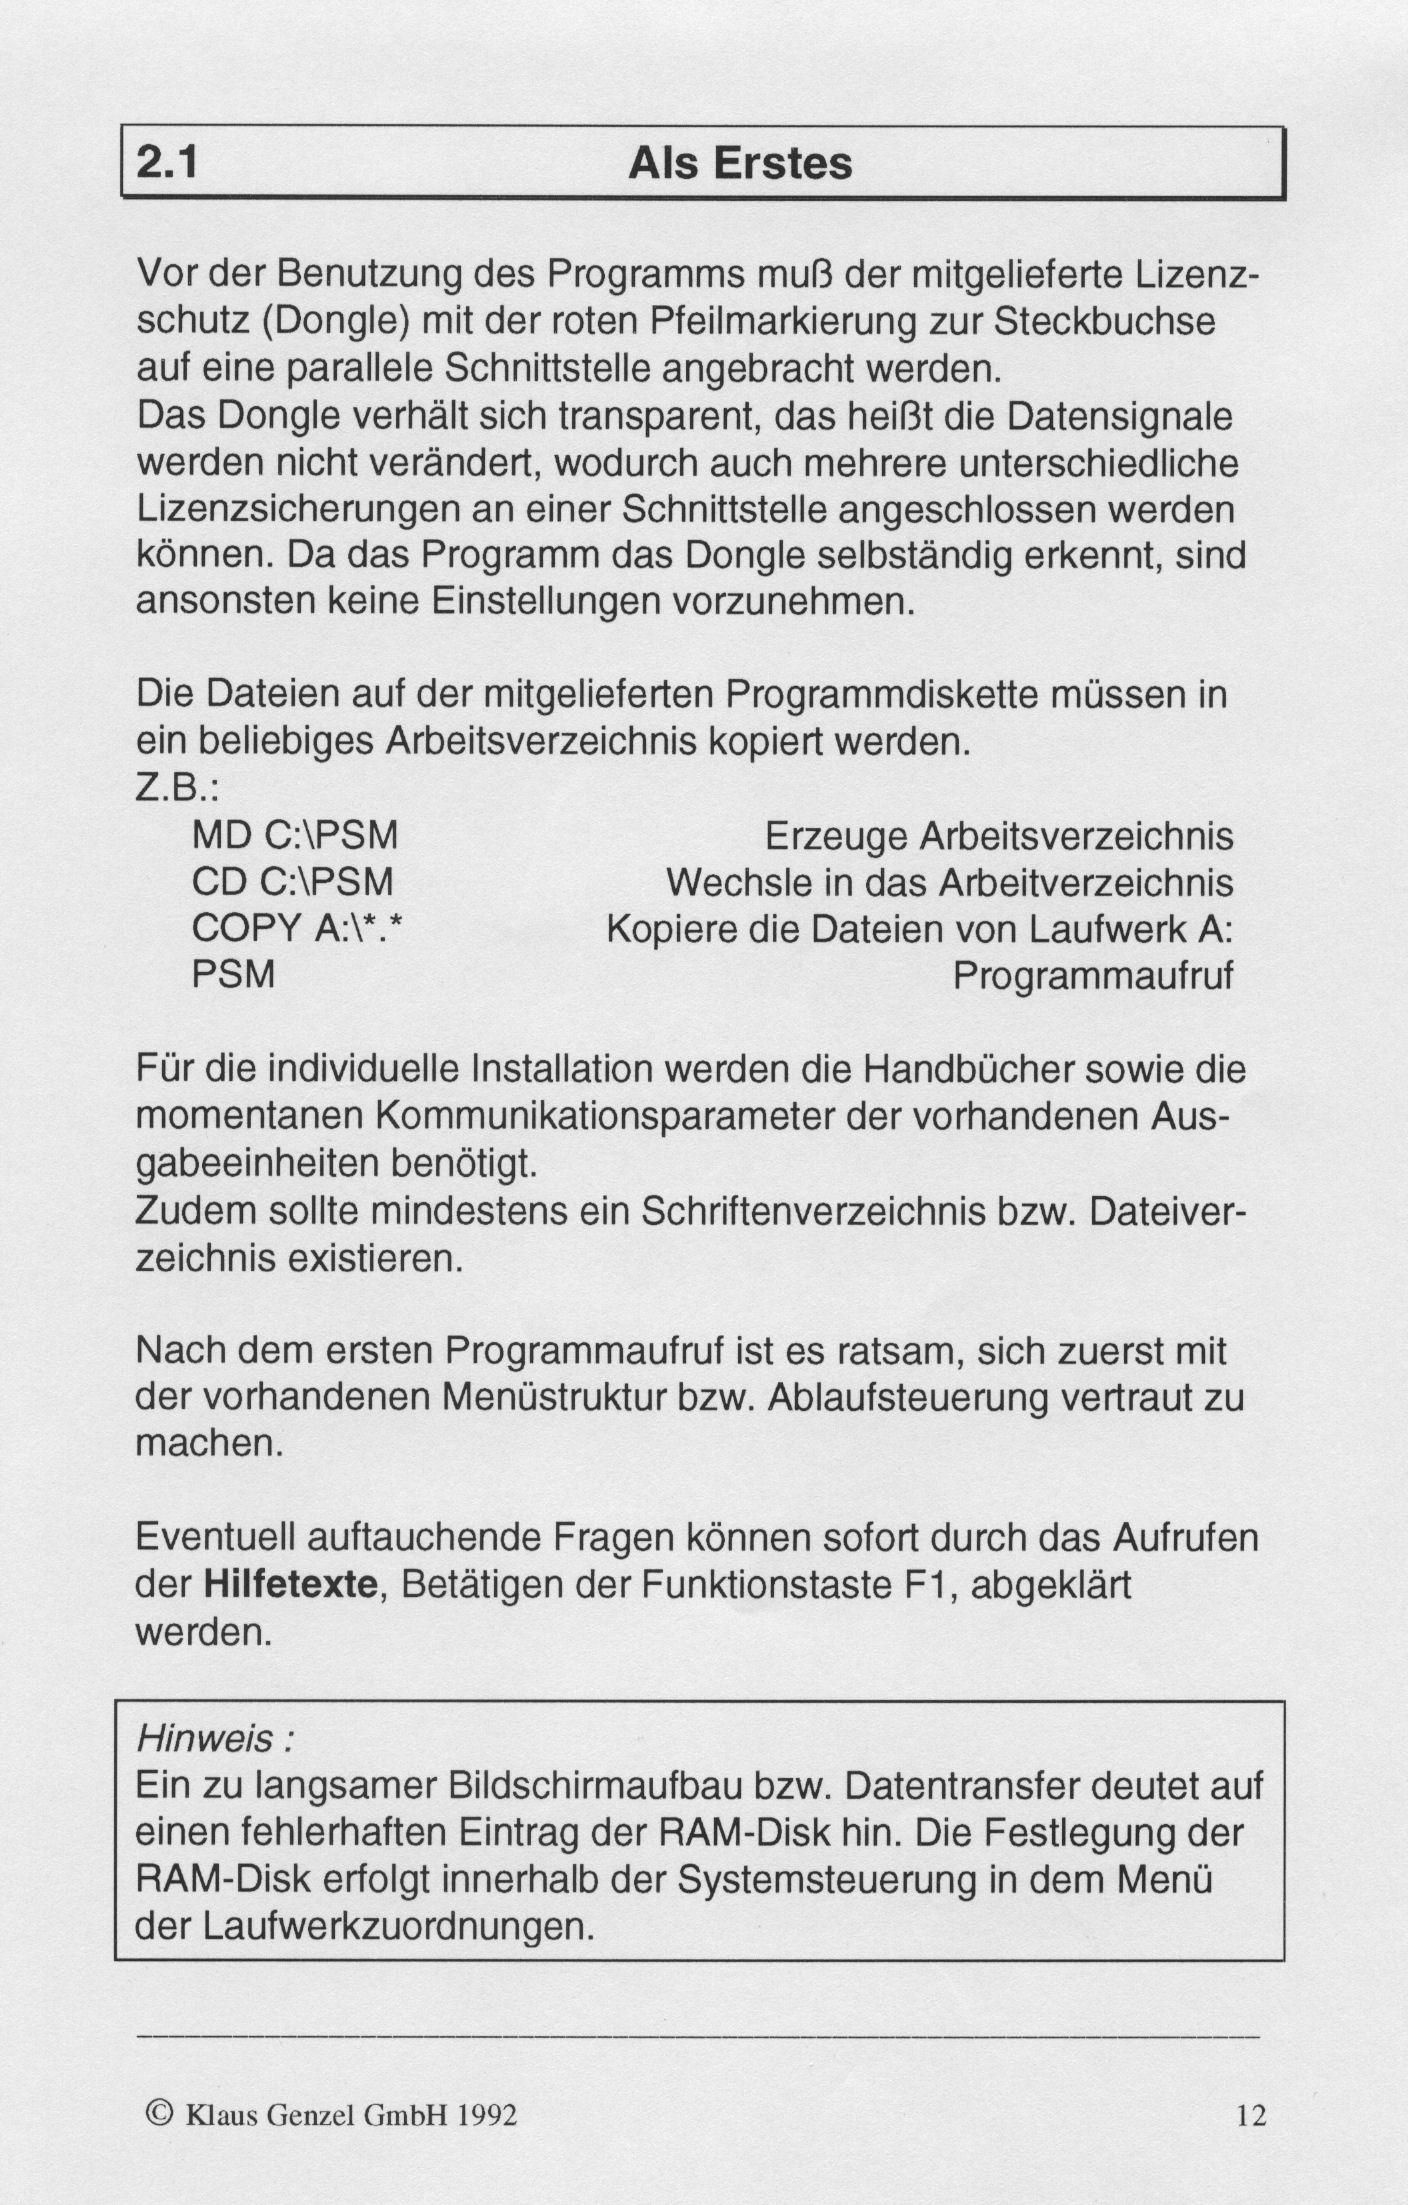 Wunderbar Vorlagen Für Handbücher Fotos - Entry Level Resume ...